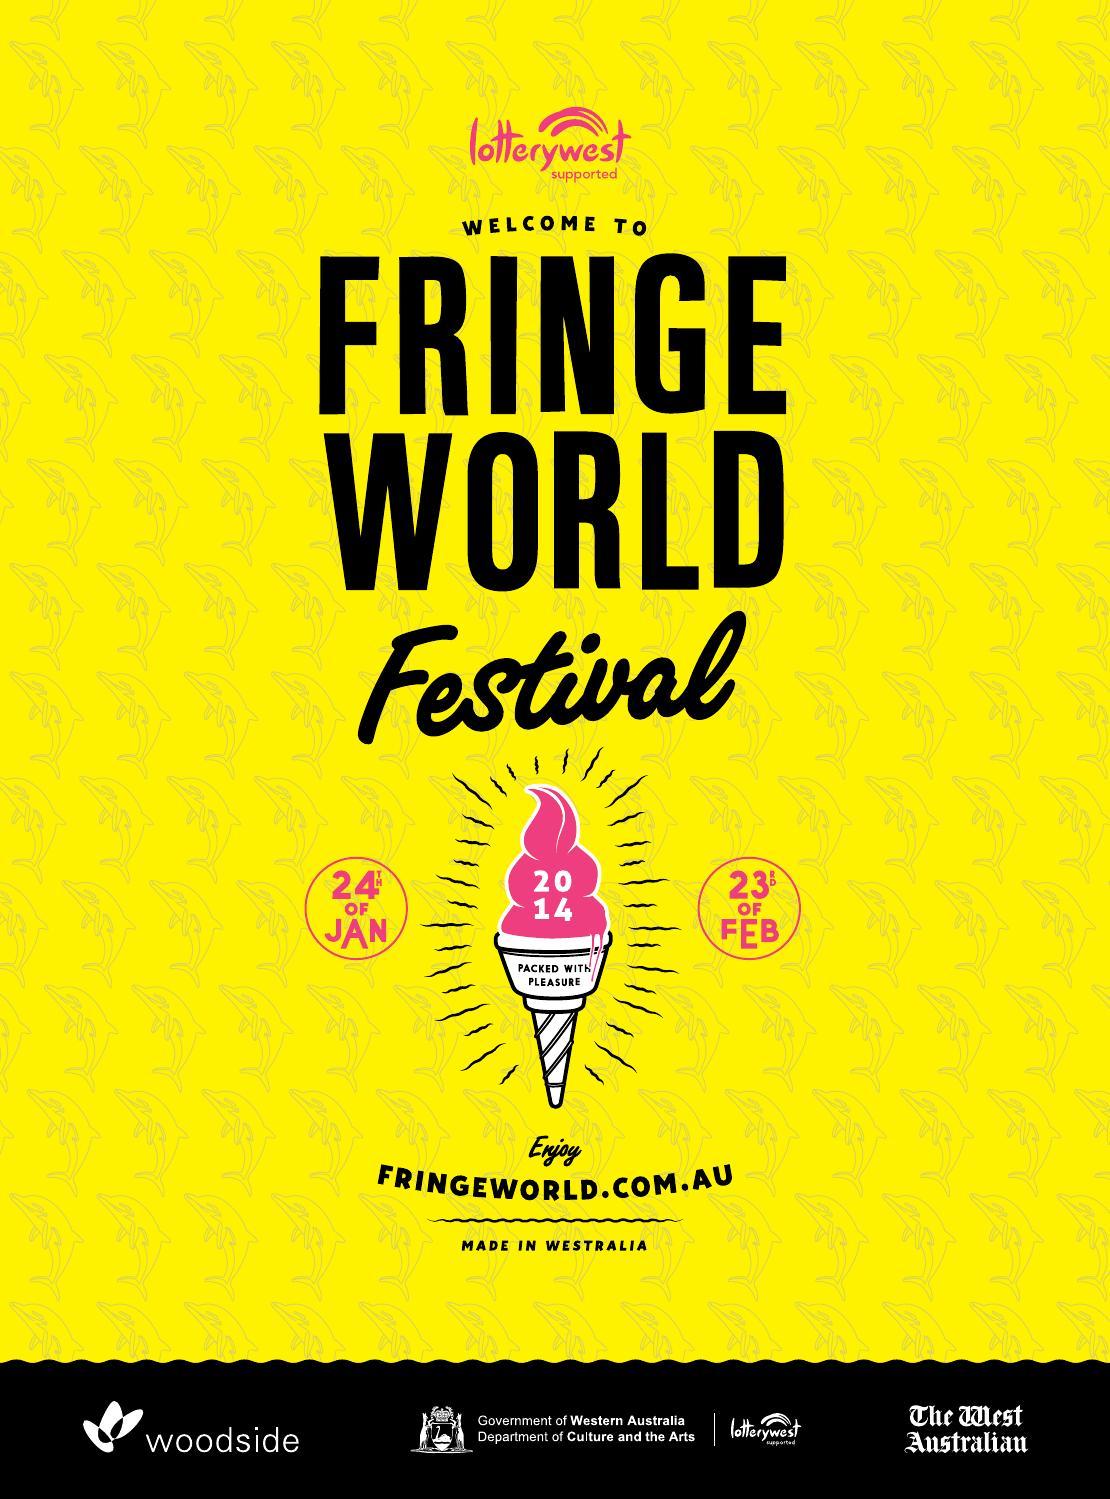 FRINGE WORLD 2016 Festival Guide by Fringe World Festival - issuu